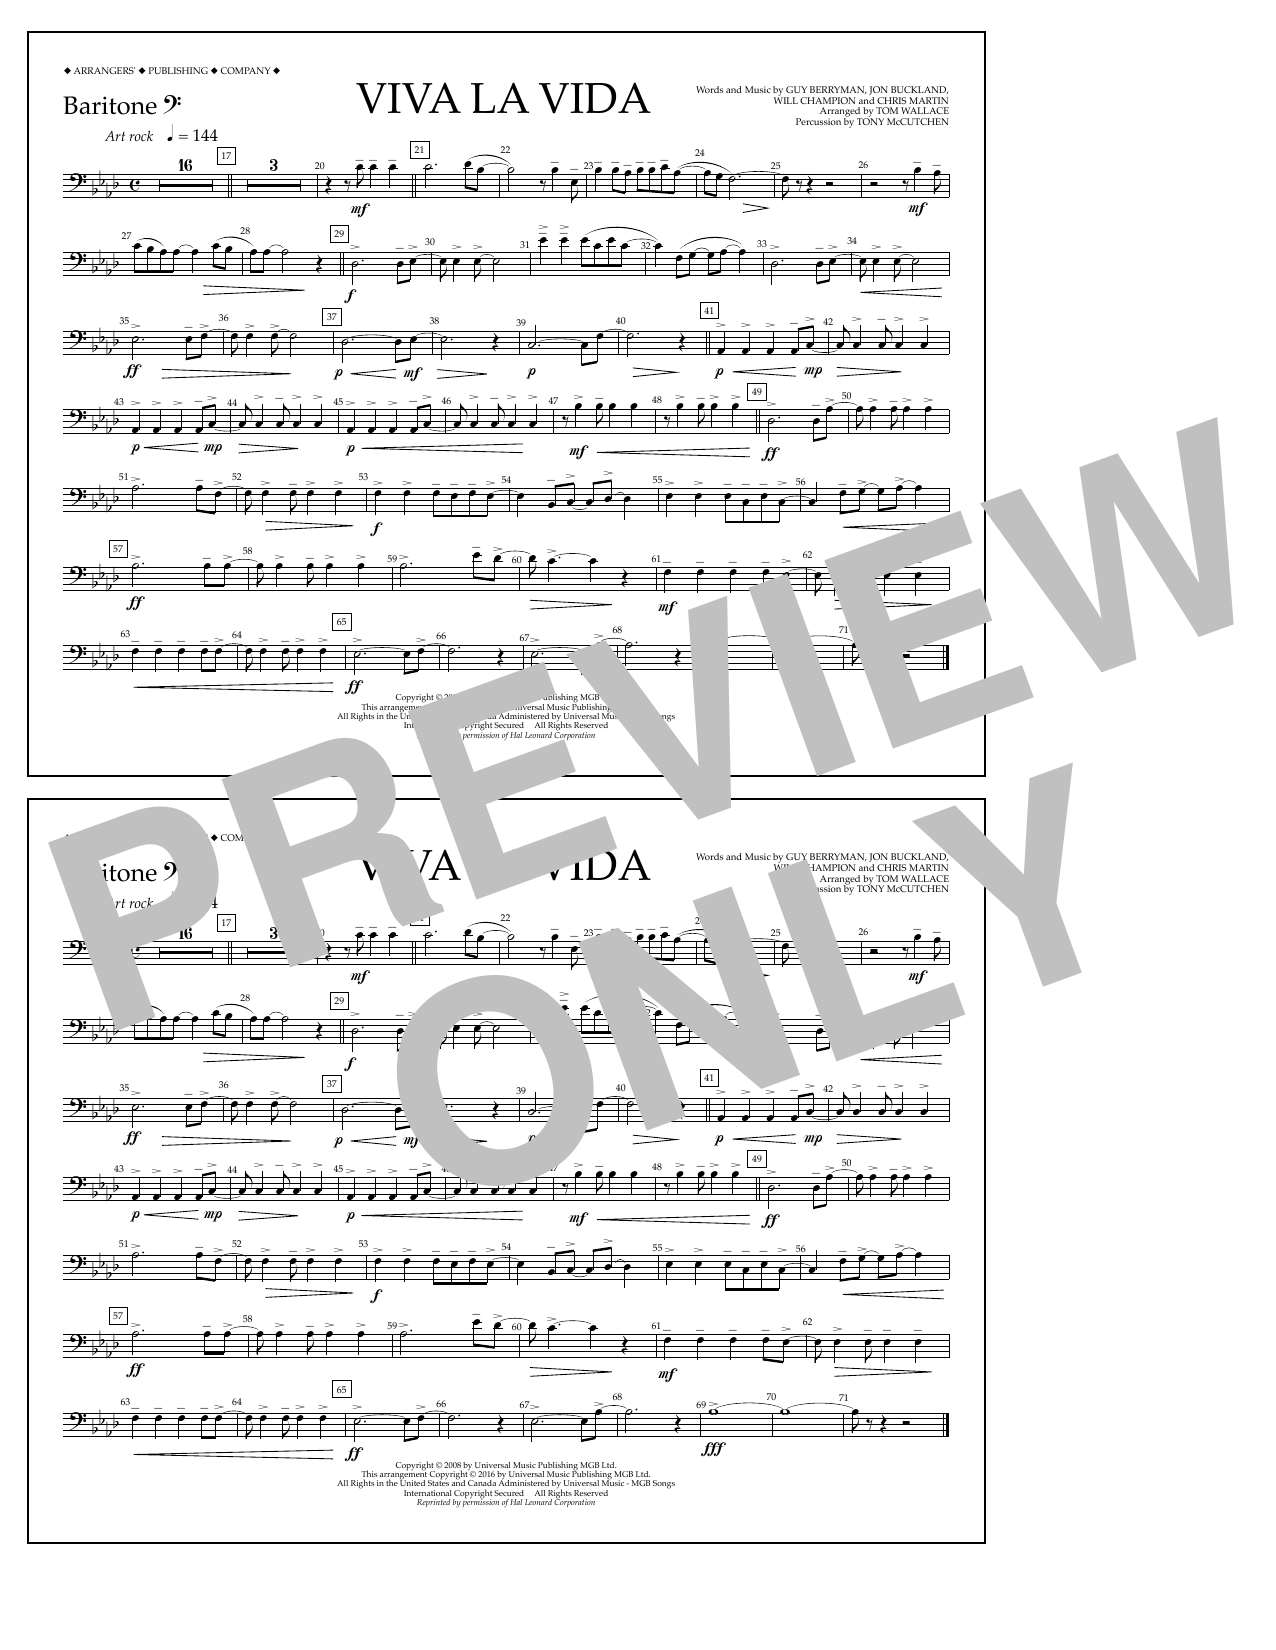 Tom Wallace Viva La Vida - Baritone B.C. sheet music notes and chords. Download Printable PDF.